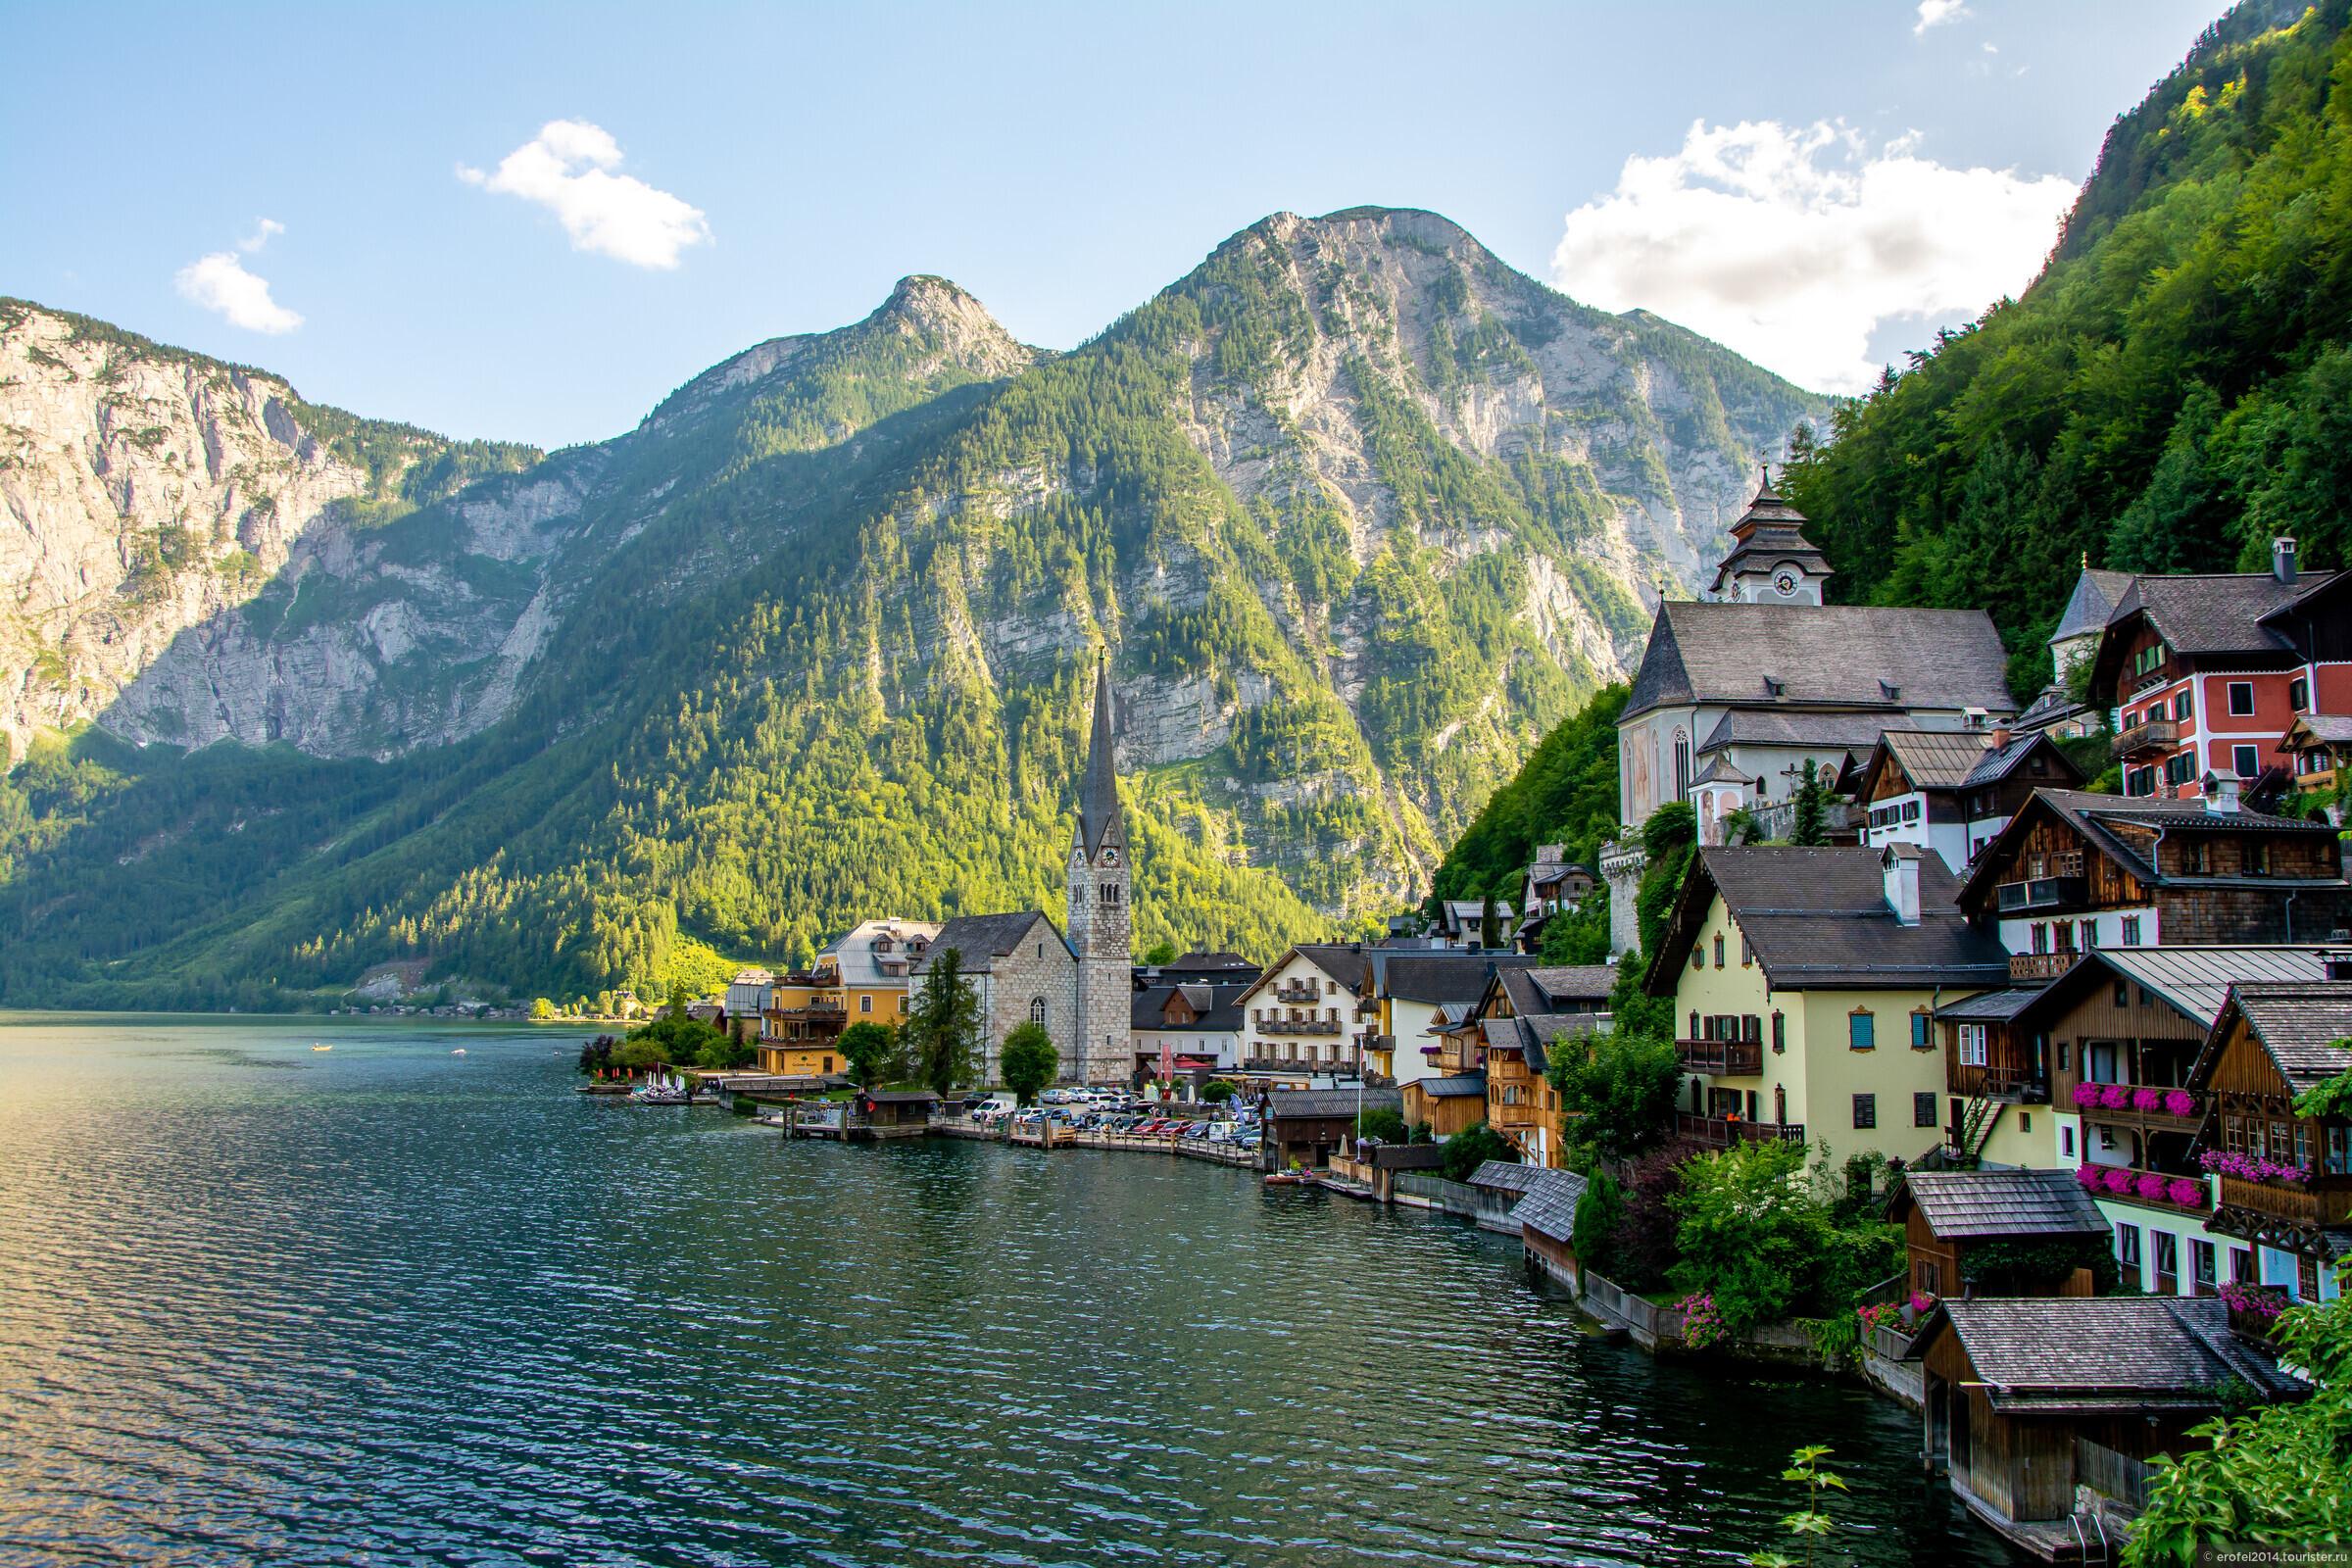 Большое путешествие по Австрии и не только. День 5. Дахштайн, смотровая площадка 5 пальцев и Гальштат